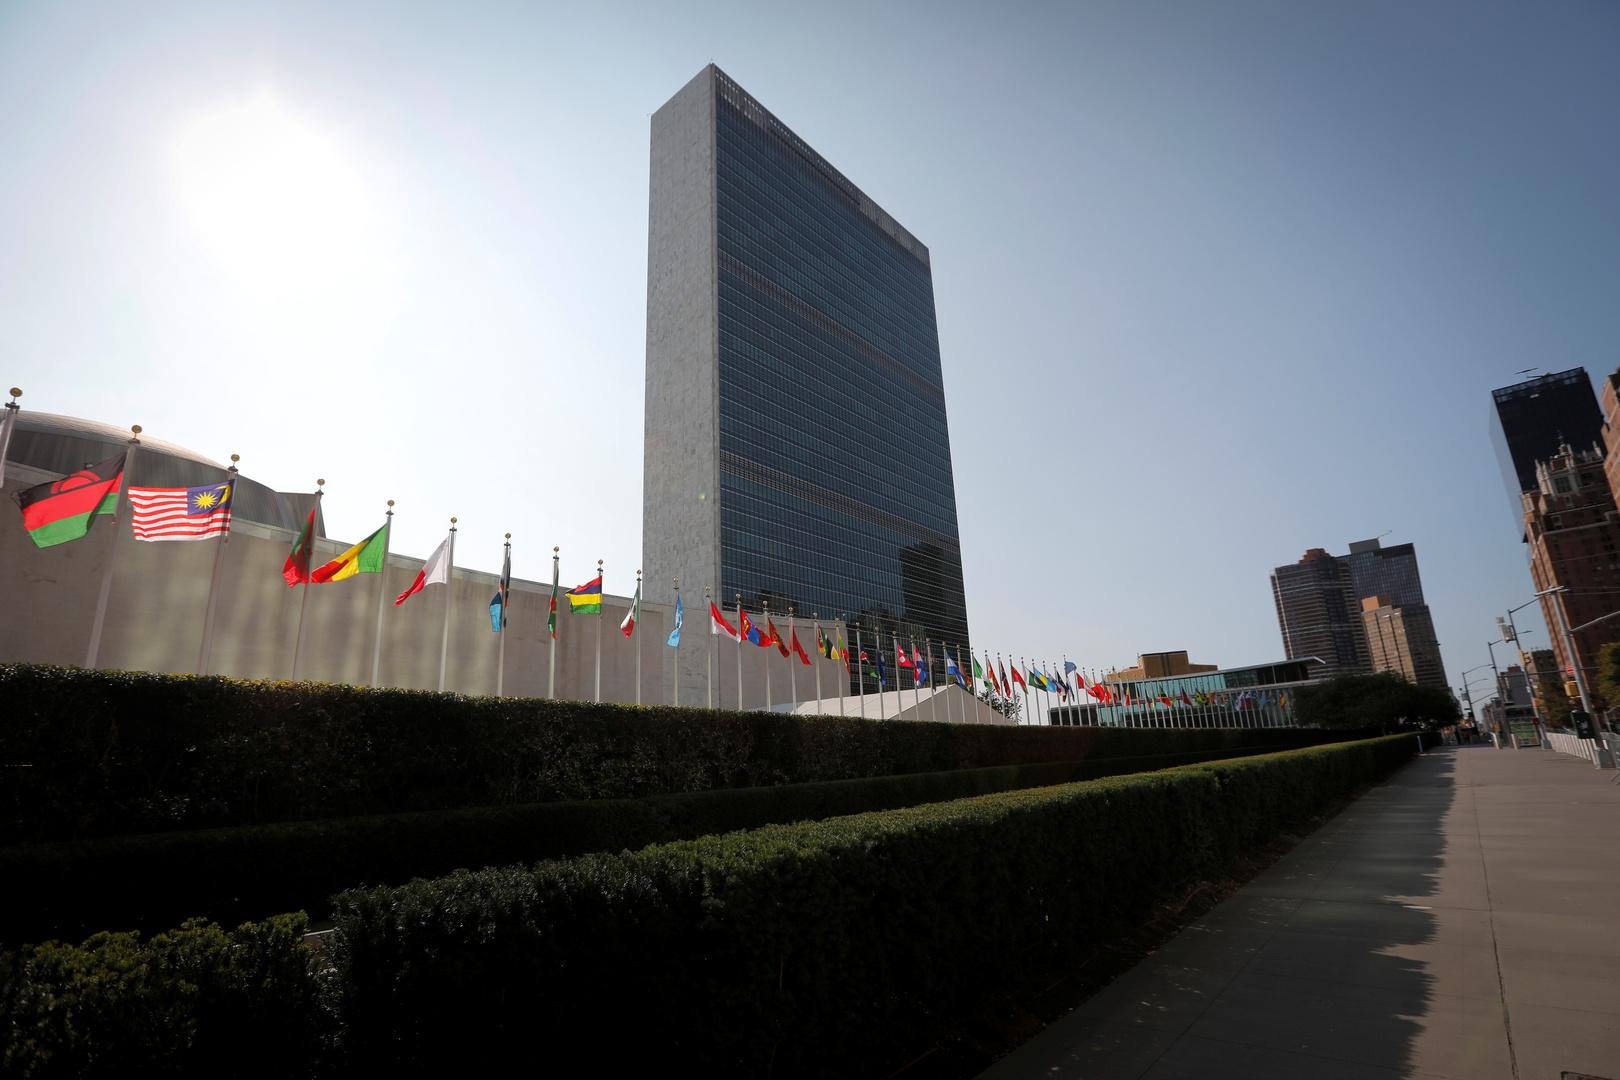 وزراء خارجية يحضرون اجتماع الجمعية العامة للأمم المتحدة حول فلسطين شخصيا